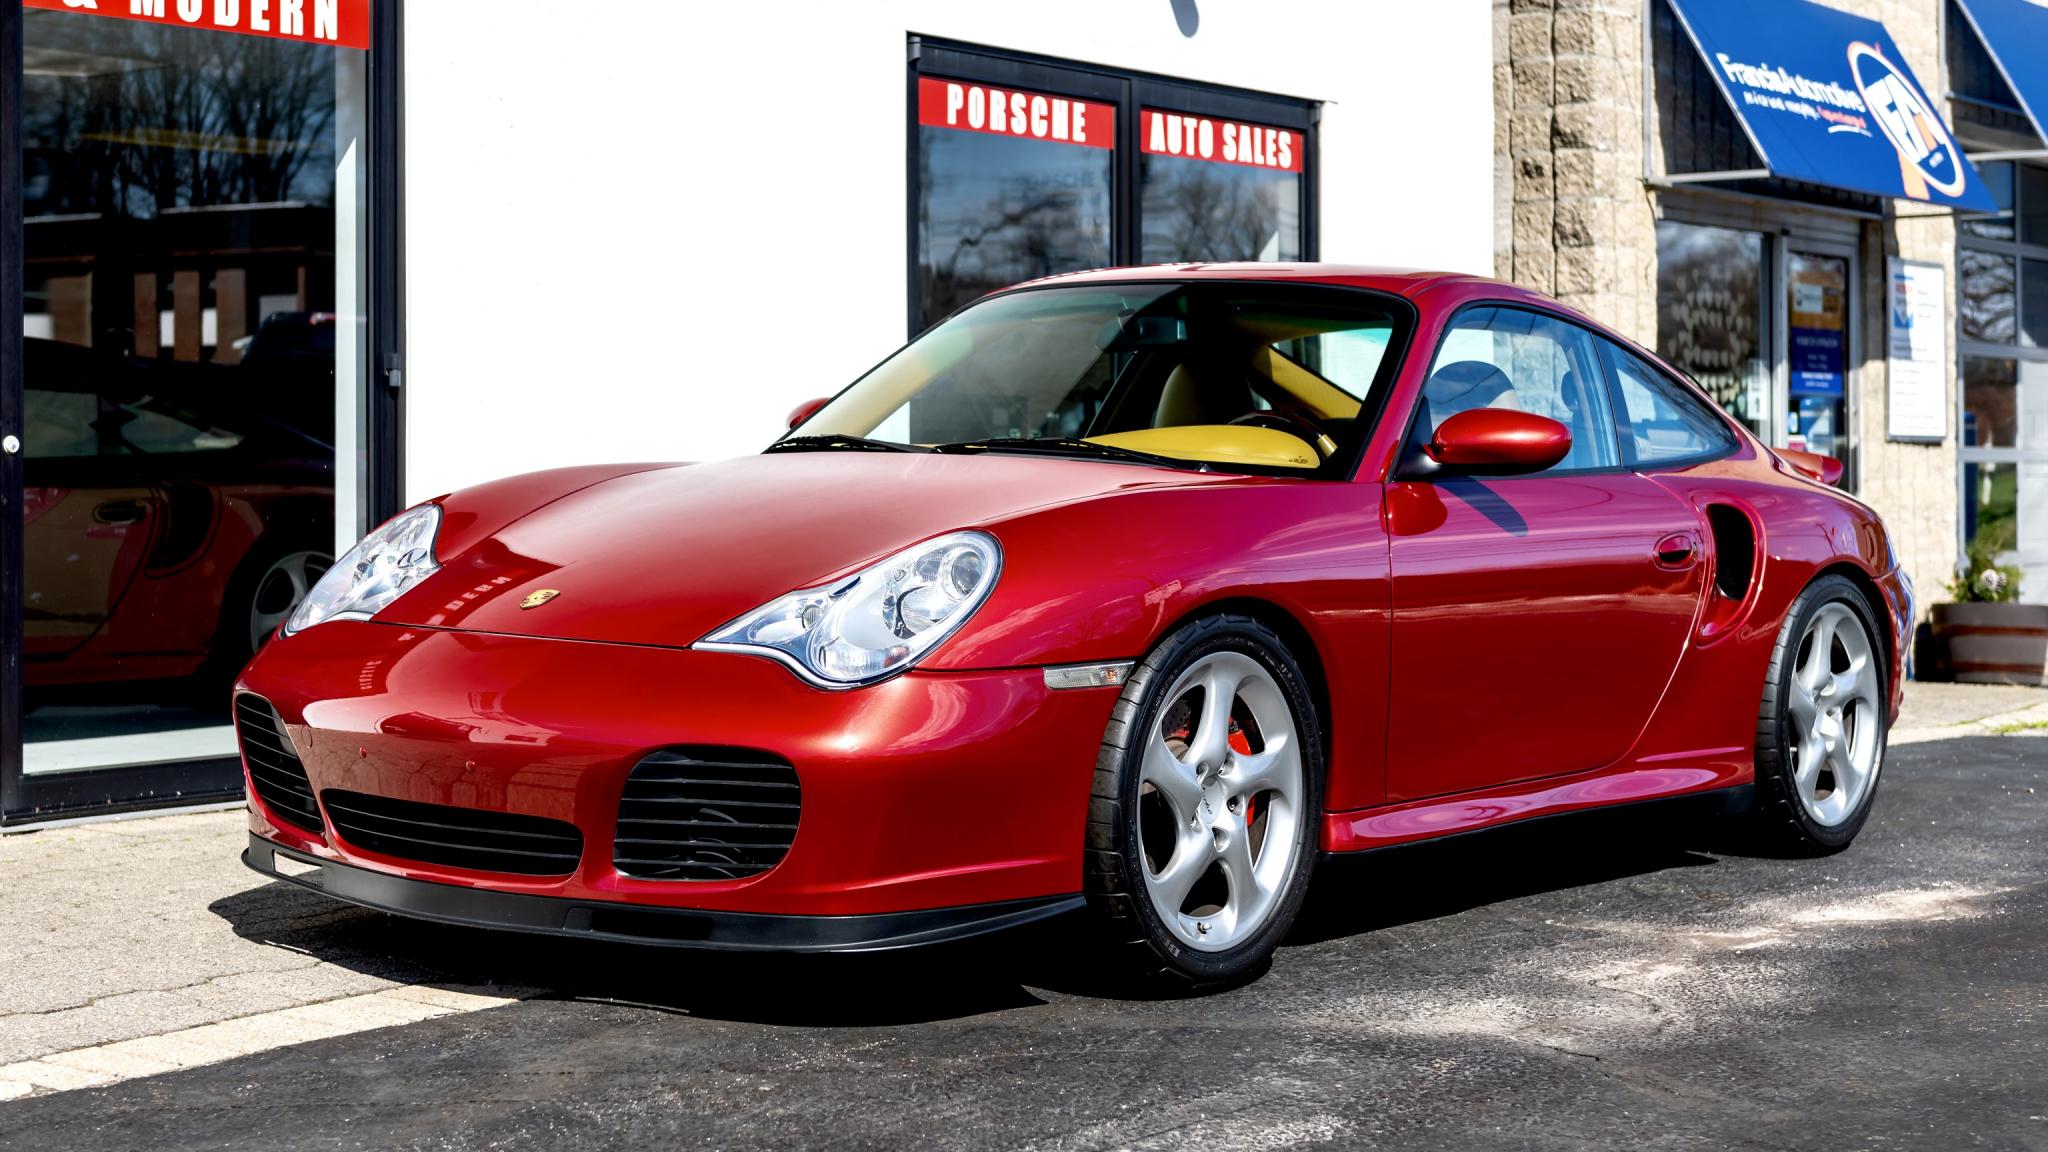 Details About 2001 Porsche 911 Turbo